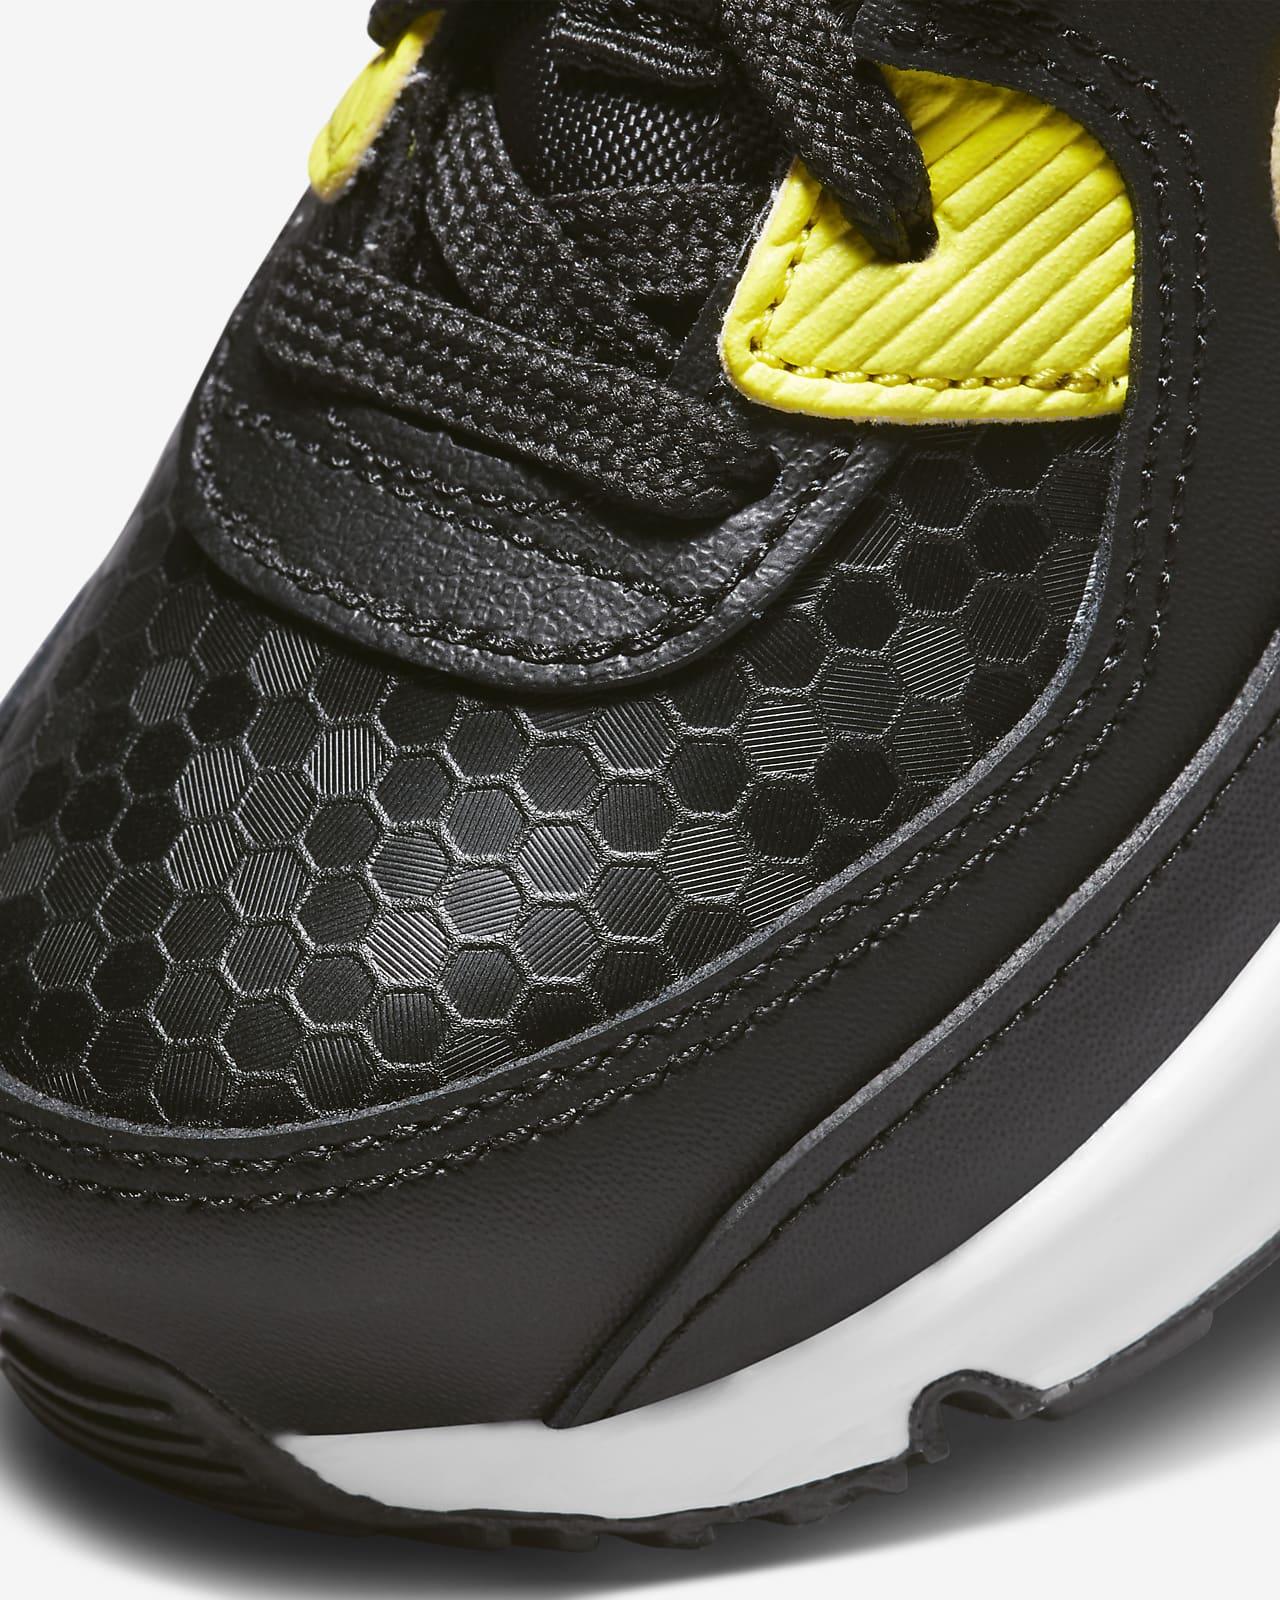 Chaussure Nike Air Max 90 SE « Lil Bugs » pour Bébé et Petit ...